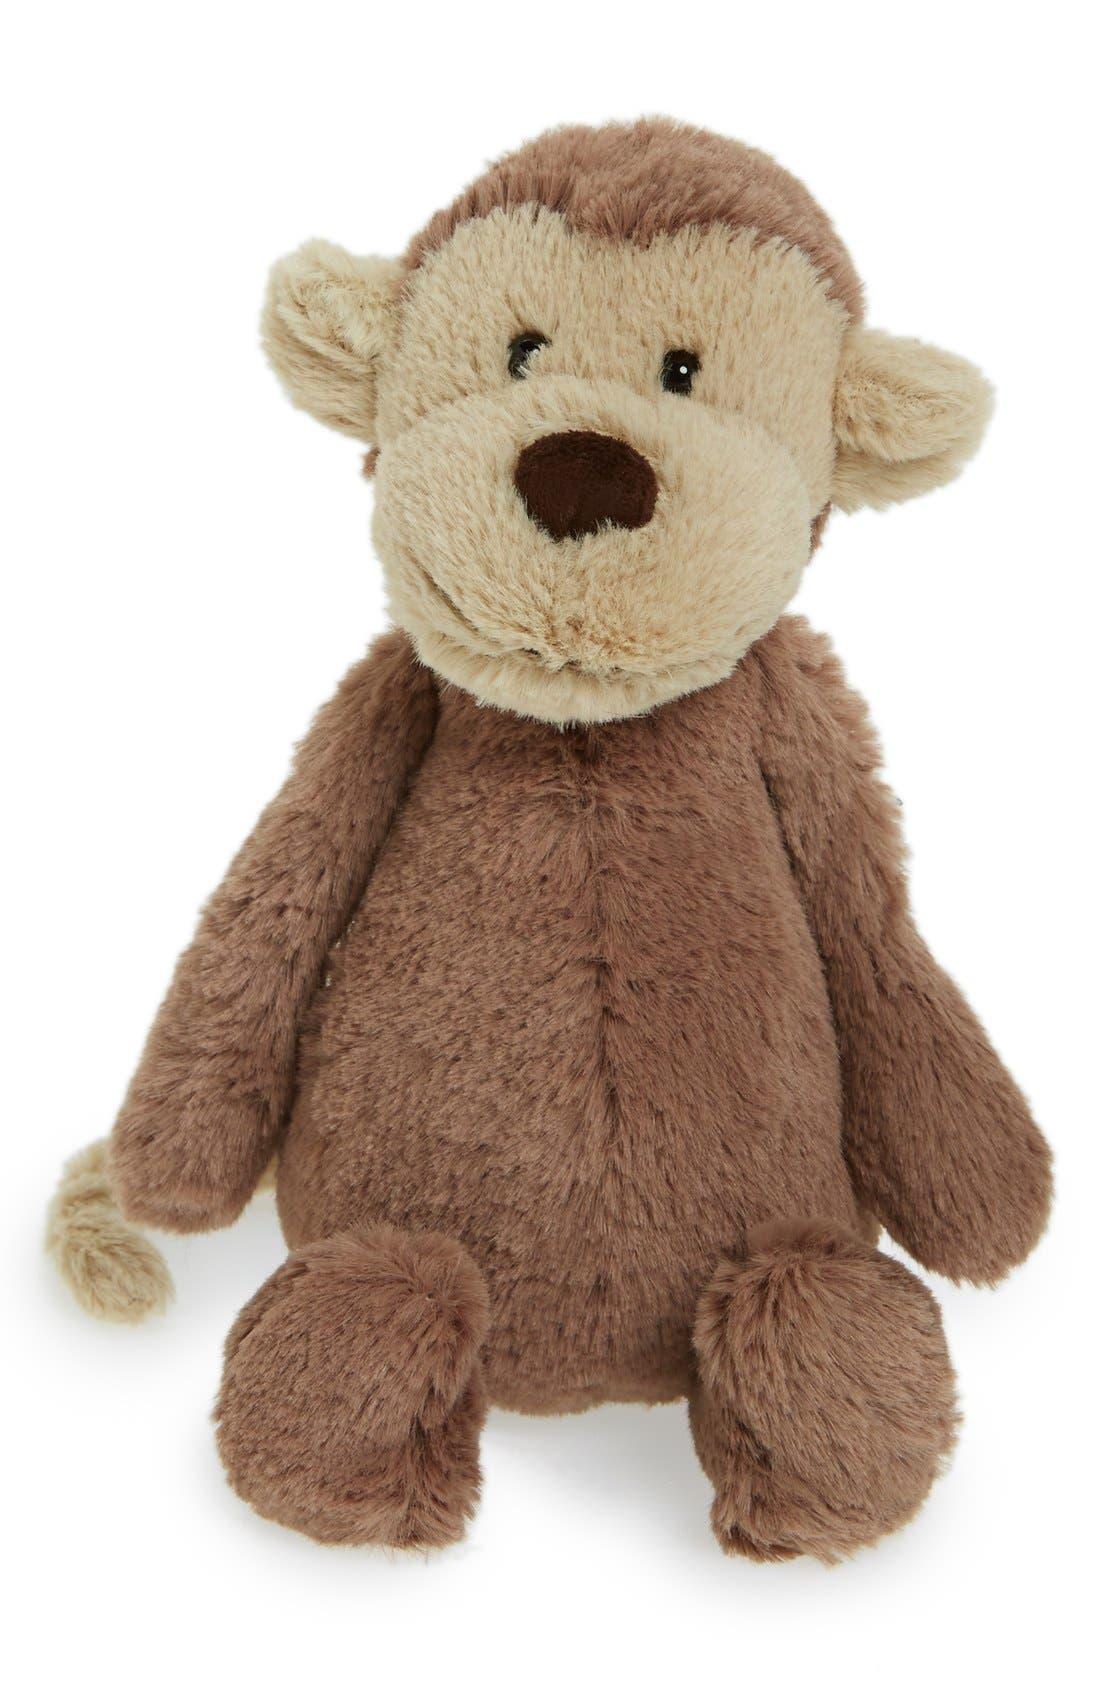 Alternate Image 1 Selected - Jellycat 'Small Bashful Monkey' Stuffed Animal